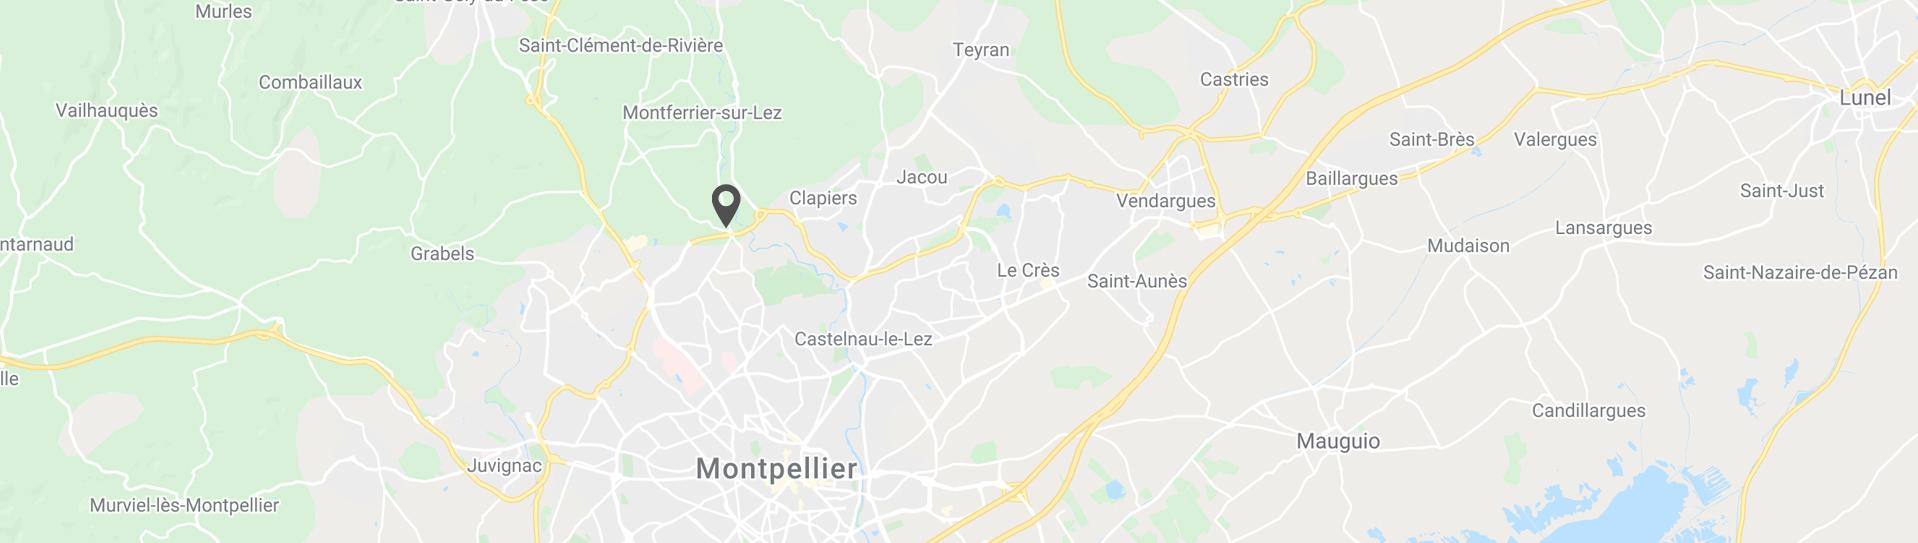 map de localisation de l'entreprise mind prod